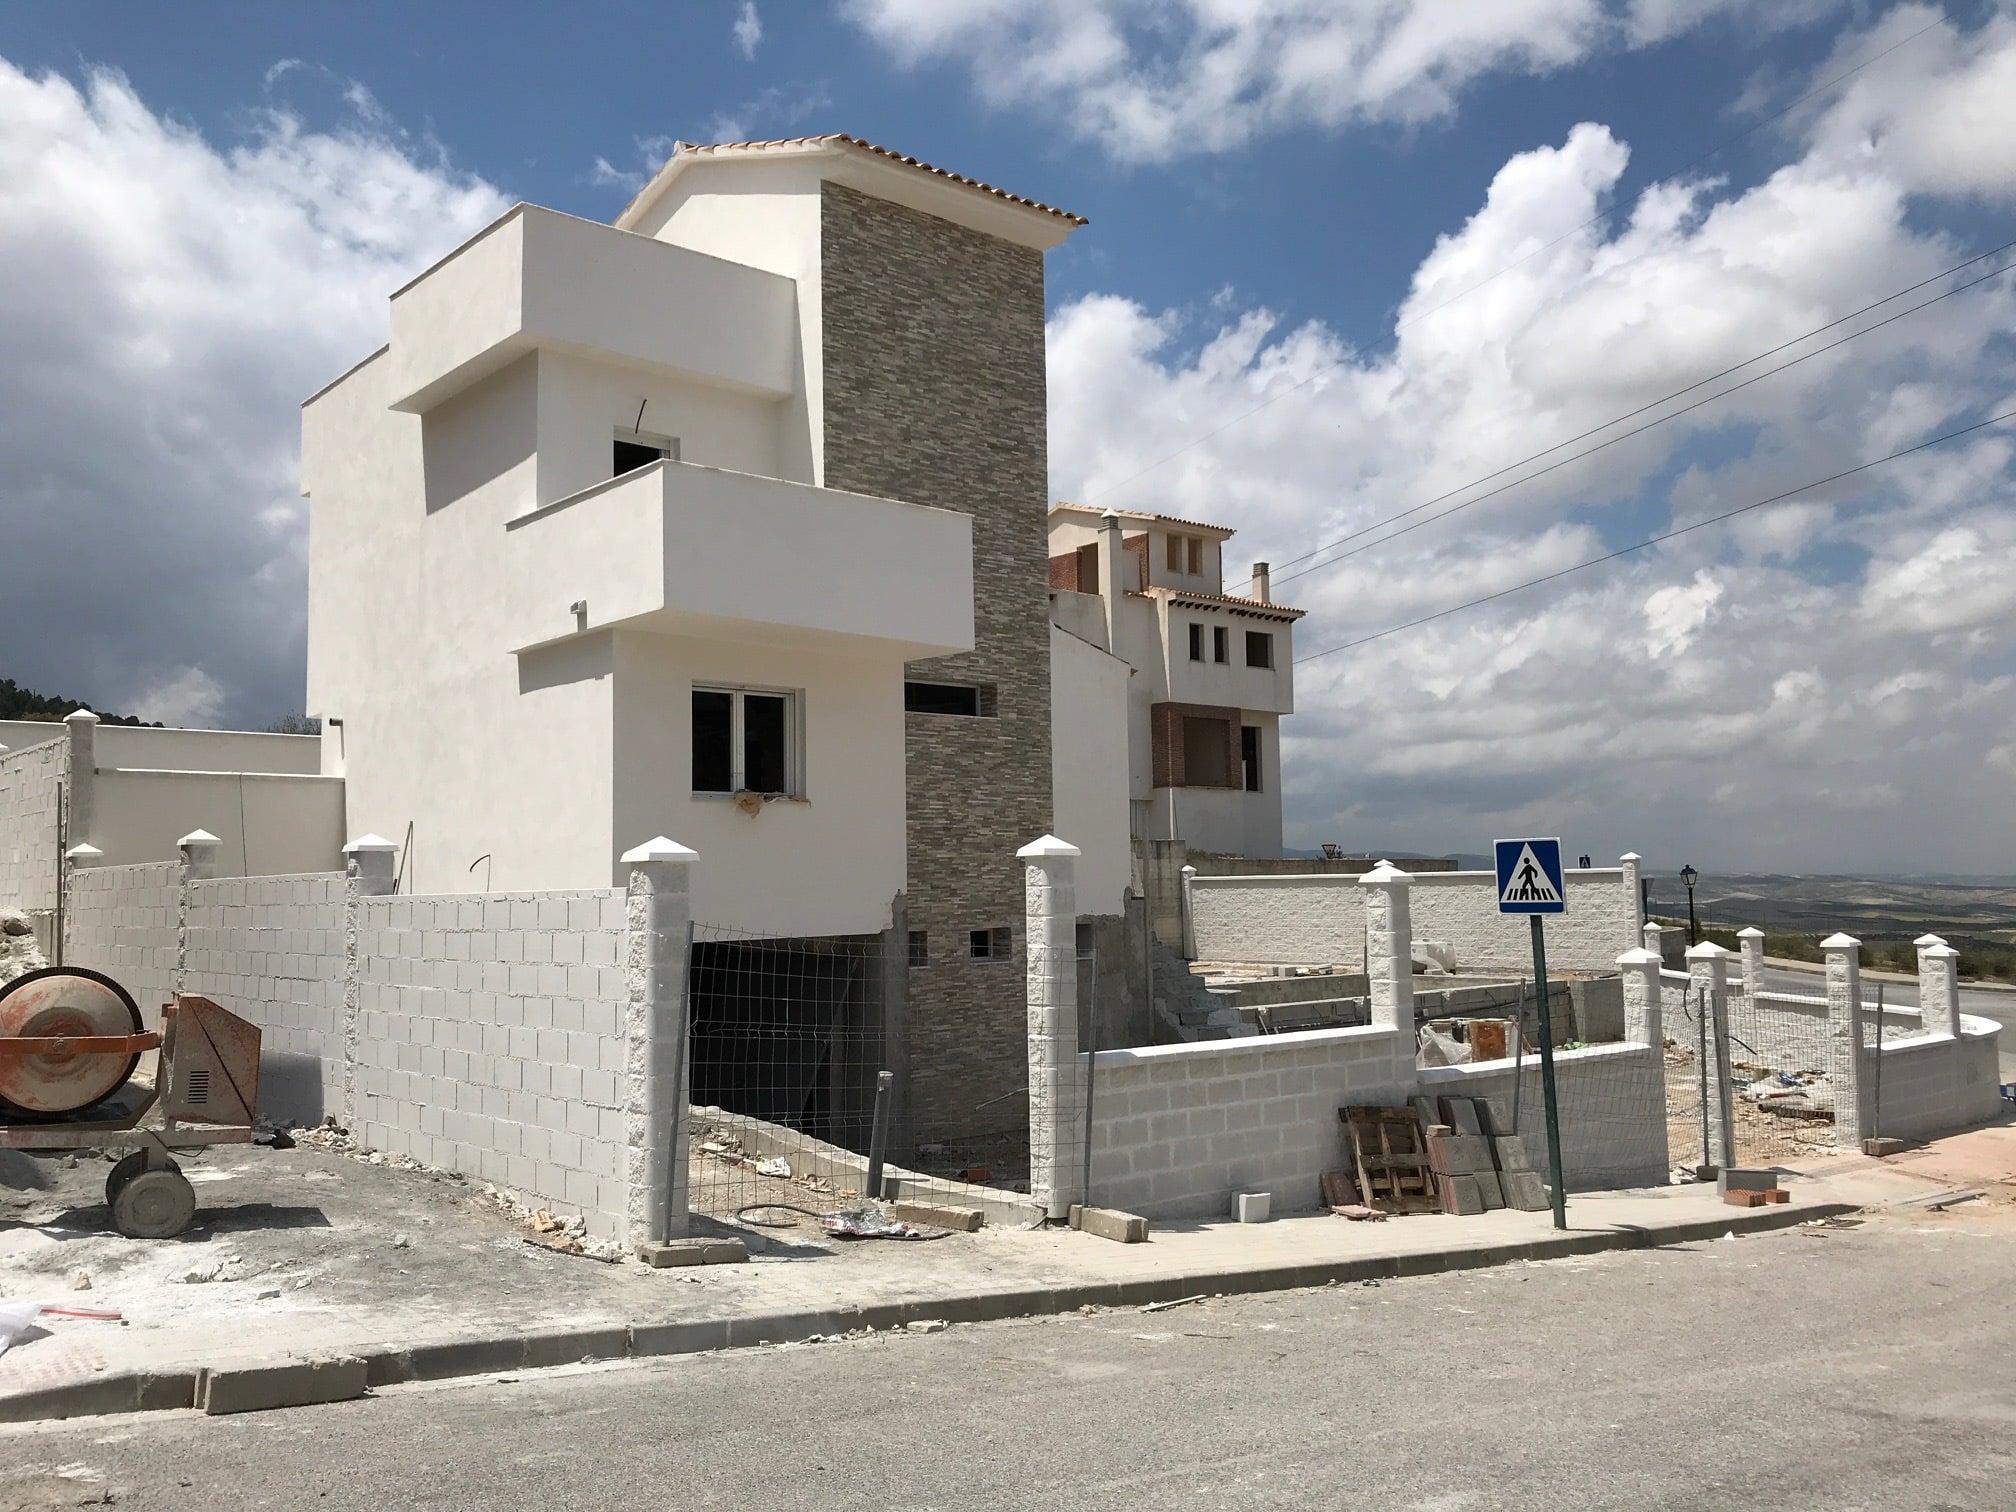 Proyectos arquitectónicos de lujo en Granada - Antonio Jaime Monerris Rivera - Arquitecto Técnico en Granada